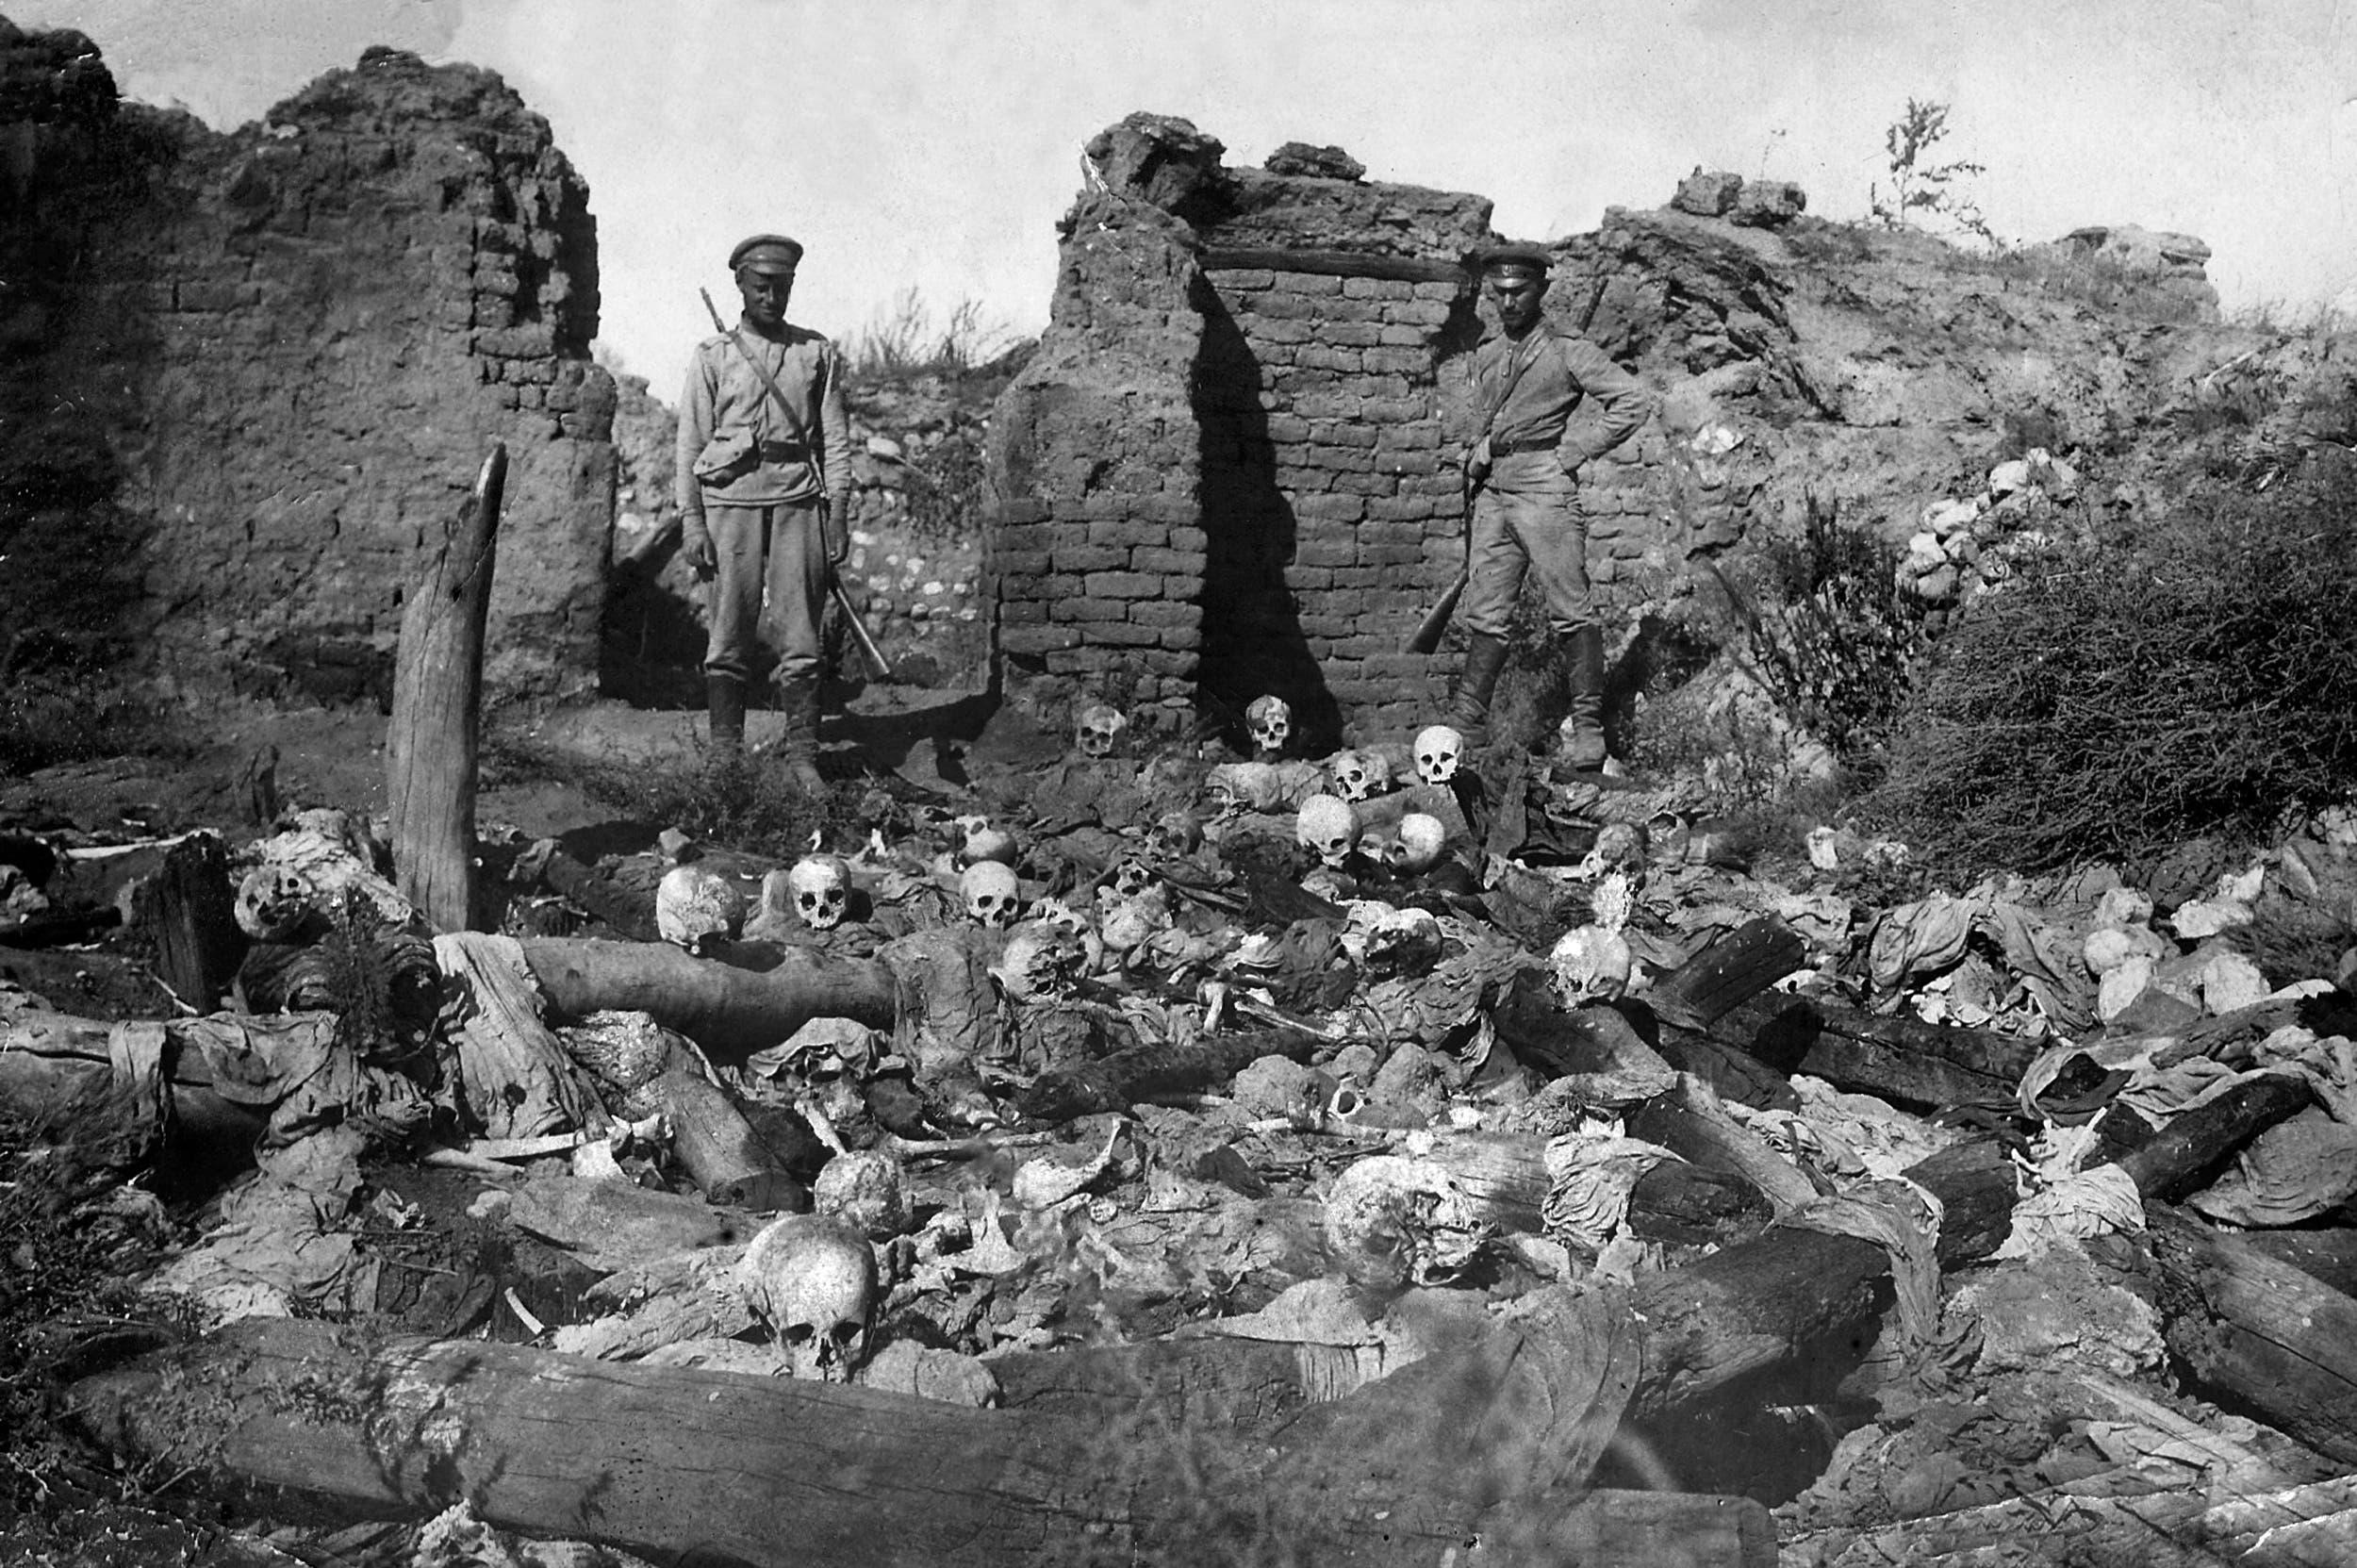 صورة نشرها معهد متحف الإبادة الجماعية للأرمن مؤرخة عام 1915 تُظهر جنوداً يقفون فوق جماجم الضحايا من قرية Sheyxalan الأرمنية في وادي موش على جبهة القوقاز خلال الحرب العالمية الأولى